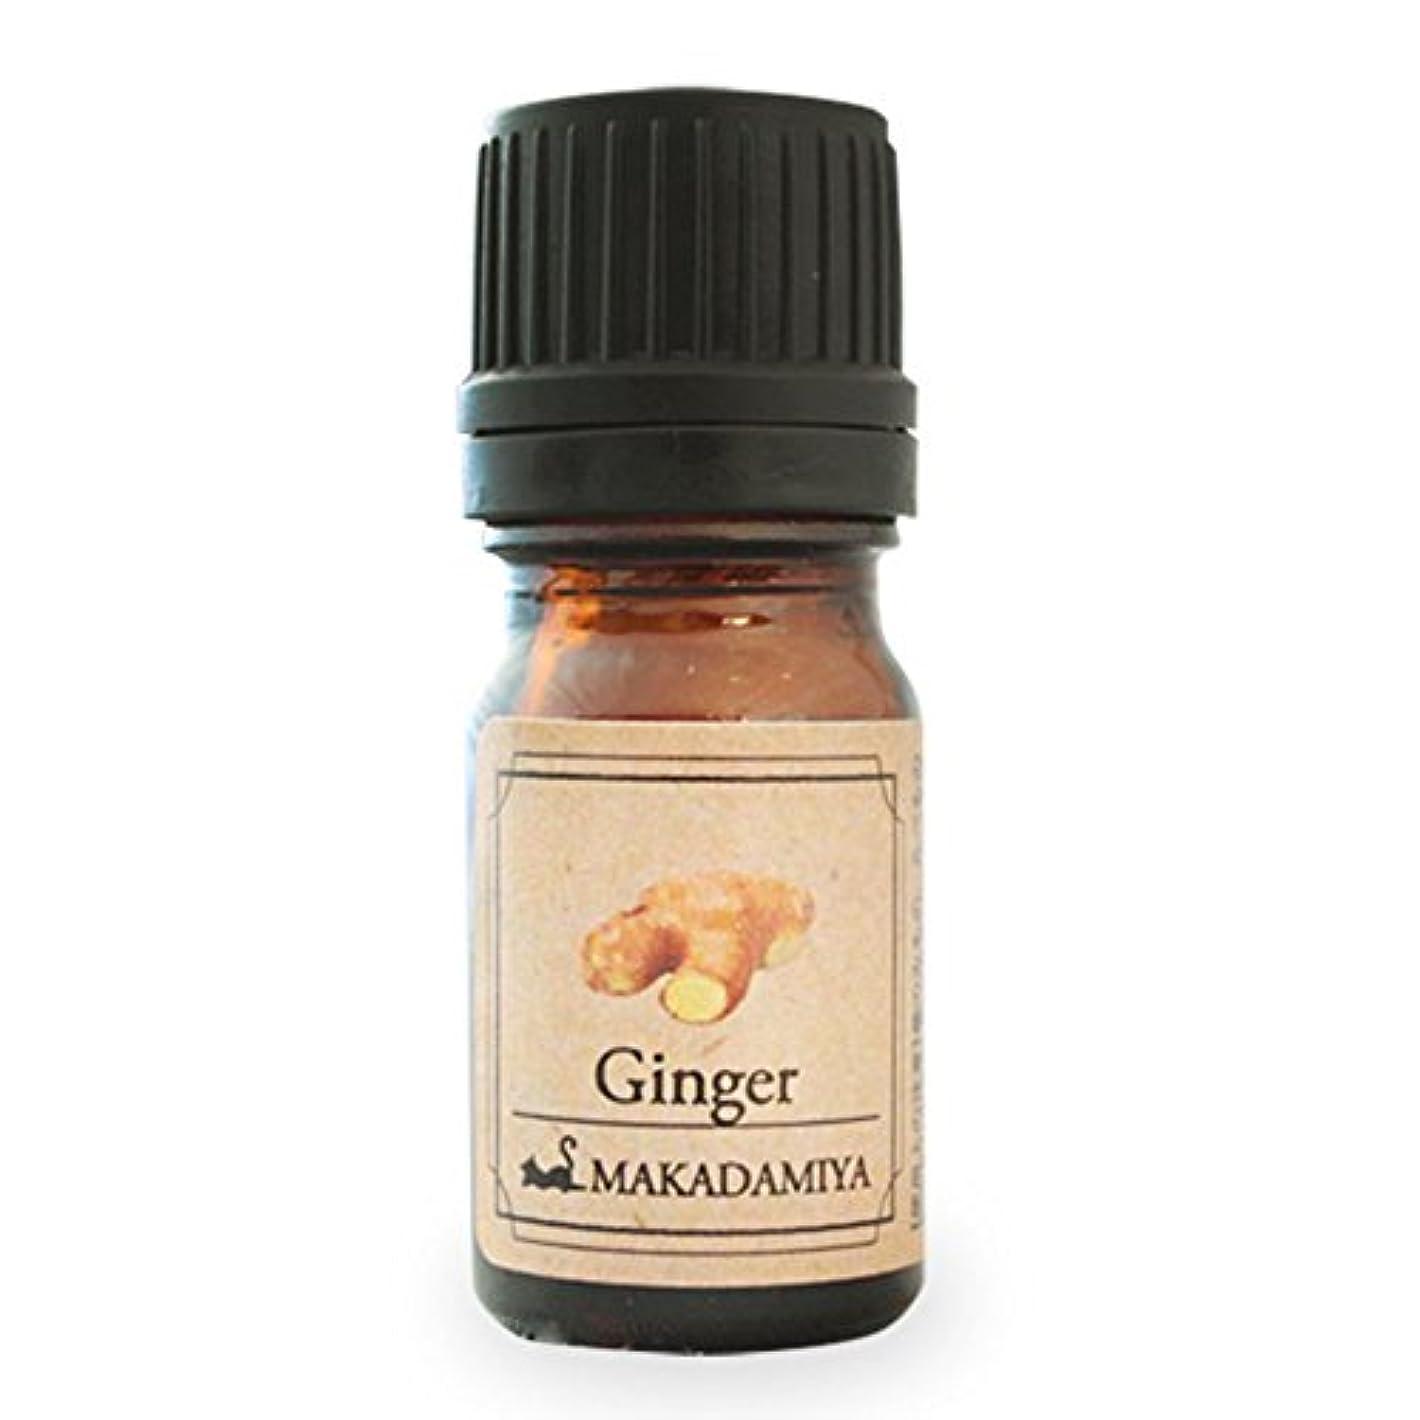 アリ幾分パターンジンジャー5ml 天然100%植物性 エッセンシャルオイル(精油) アロマオイル アロママッサージ aroma Ginger